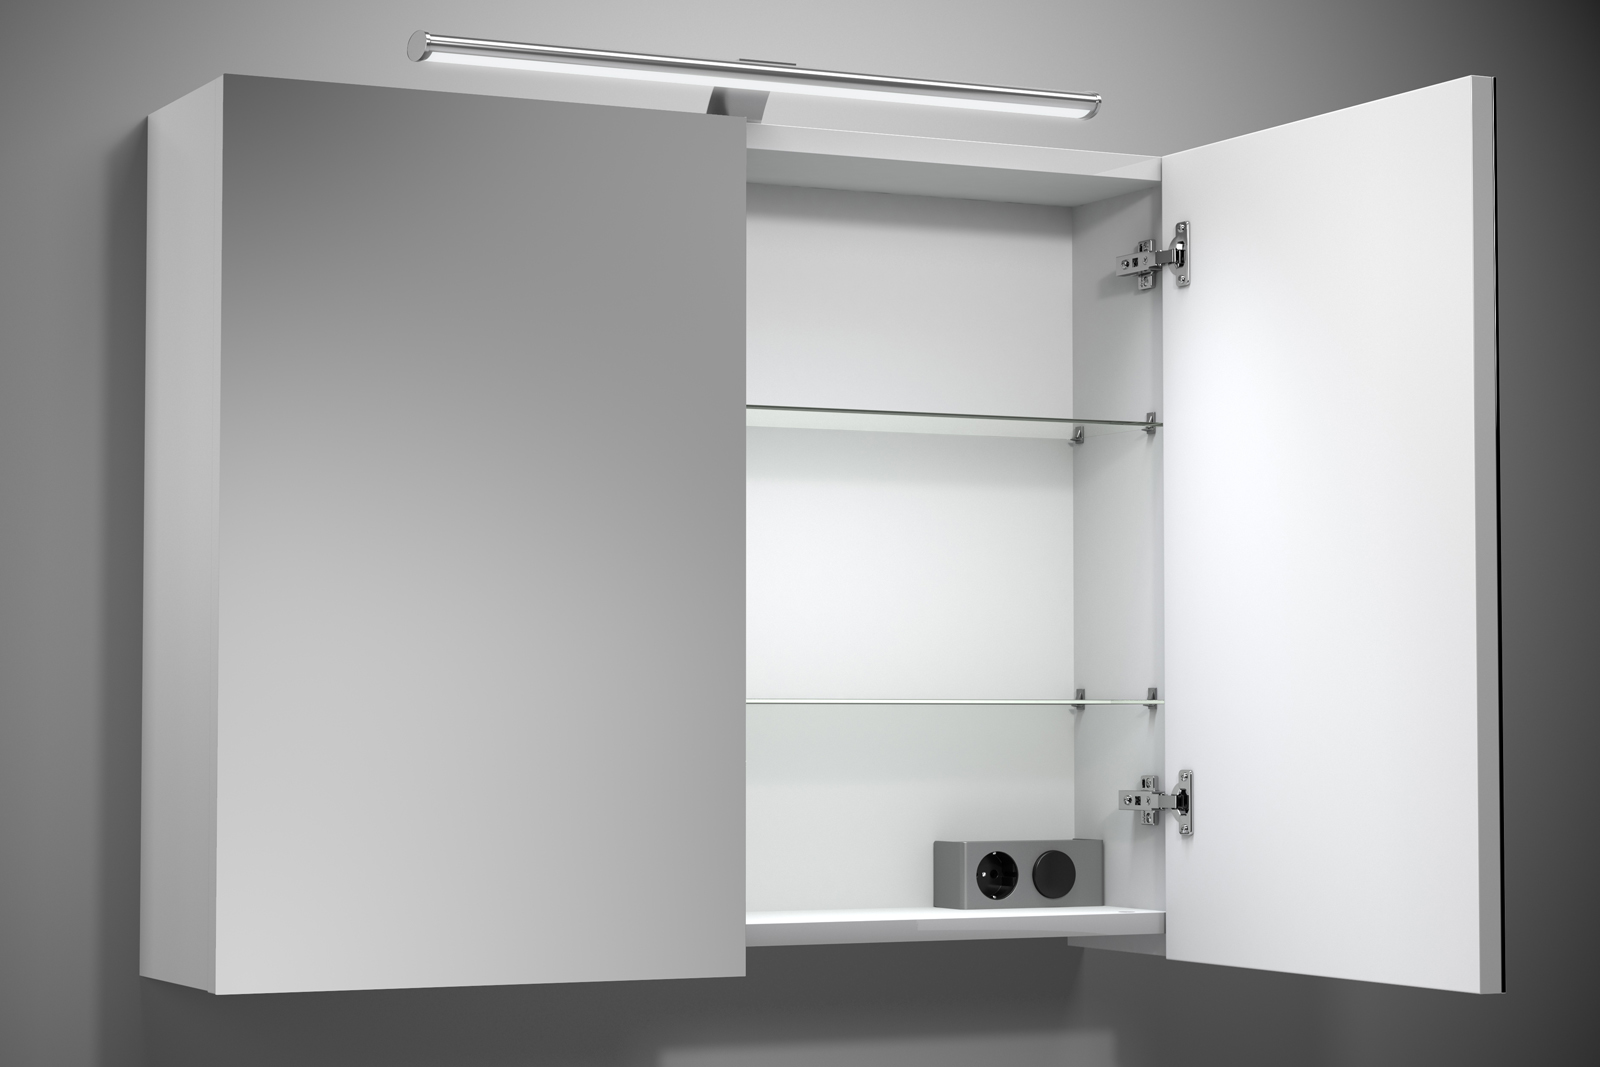 Badezimmer Spiegelschrank Beleuchtung Set Lampe 20 cm mit Energiebox